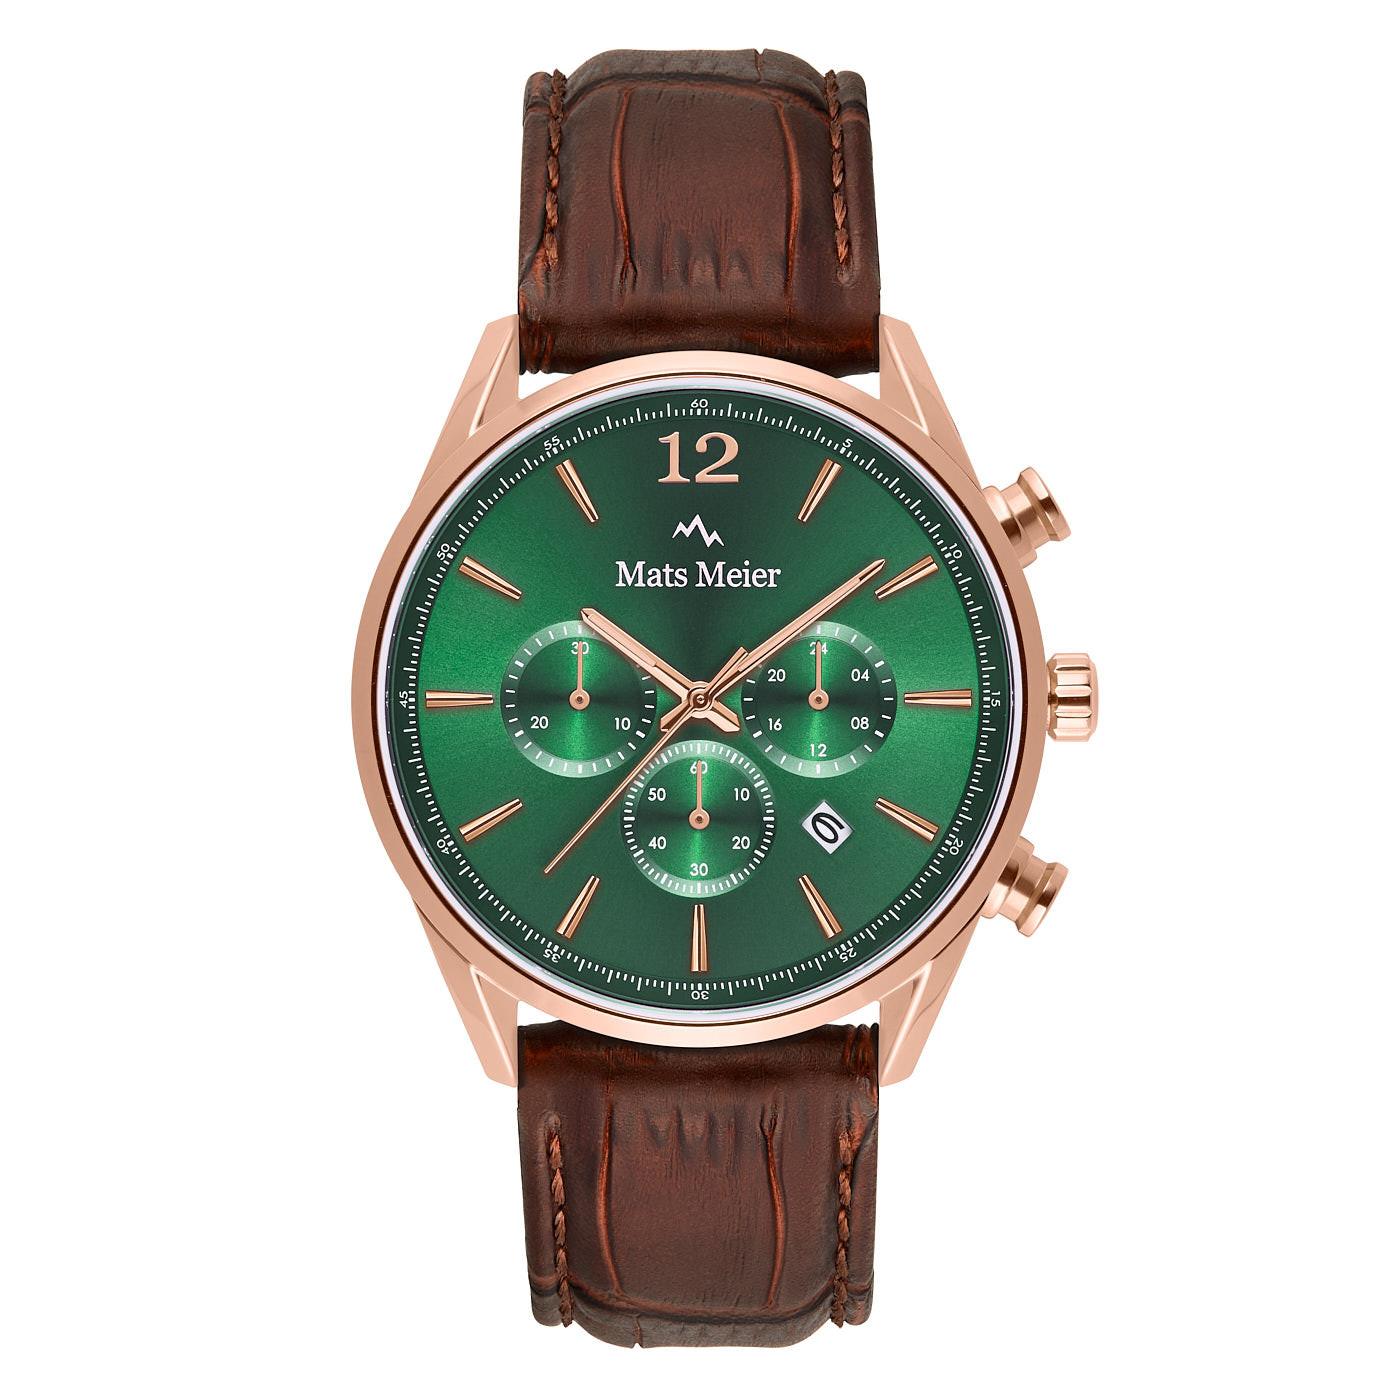 Mats Meier Grand Cornier chronograph watch green/rose/brown